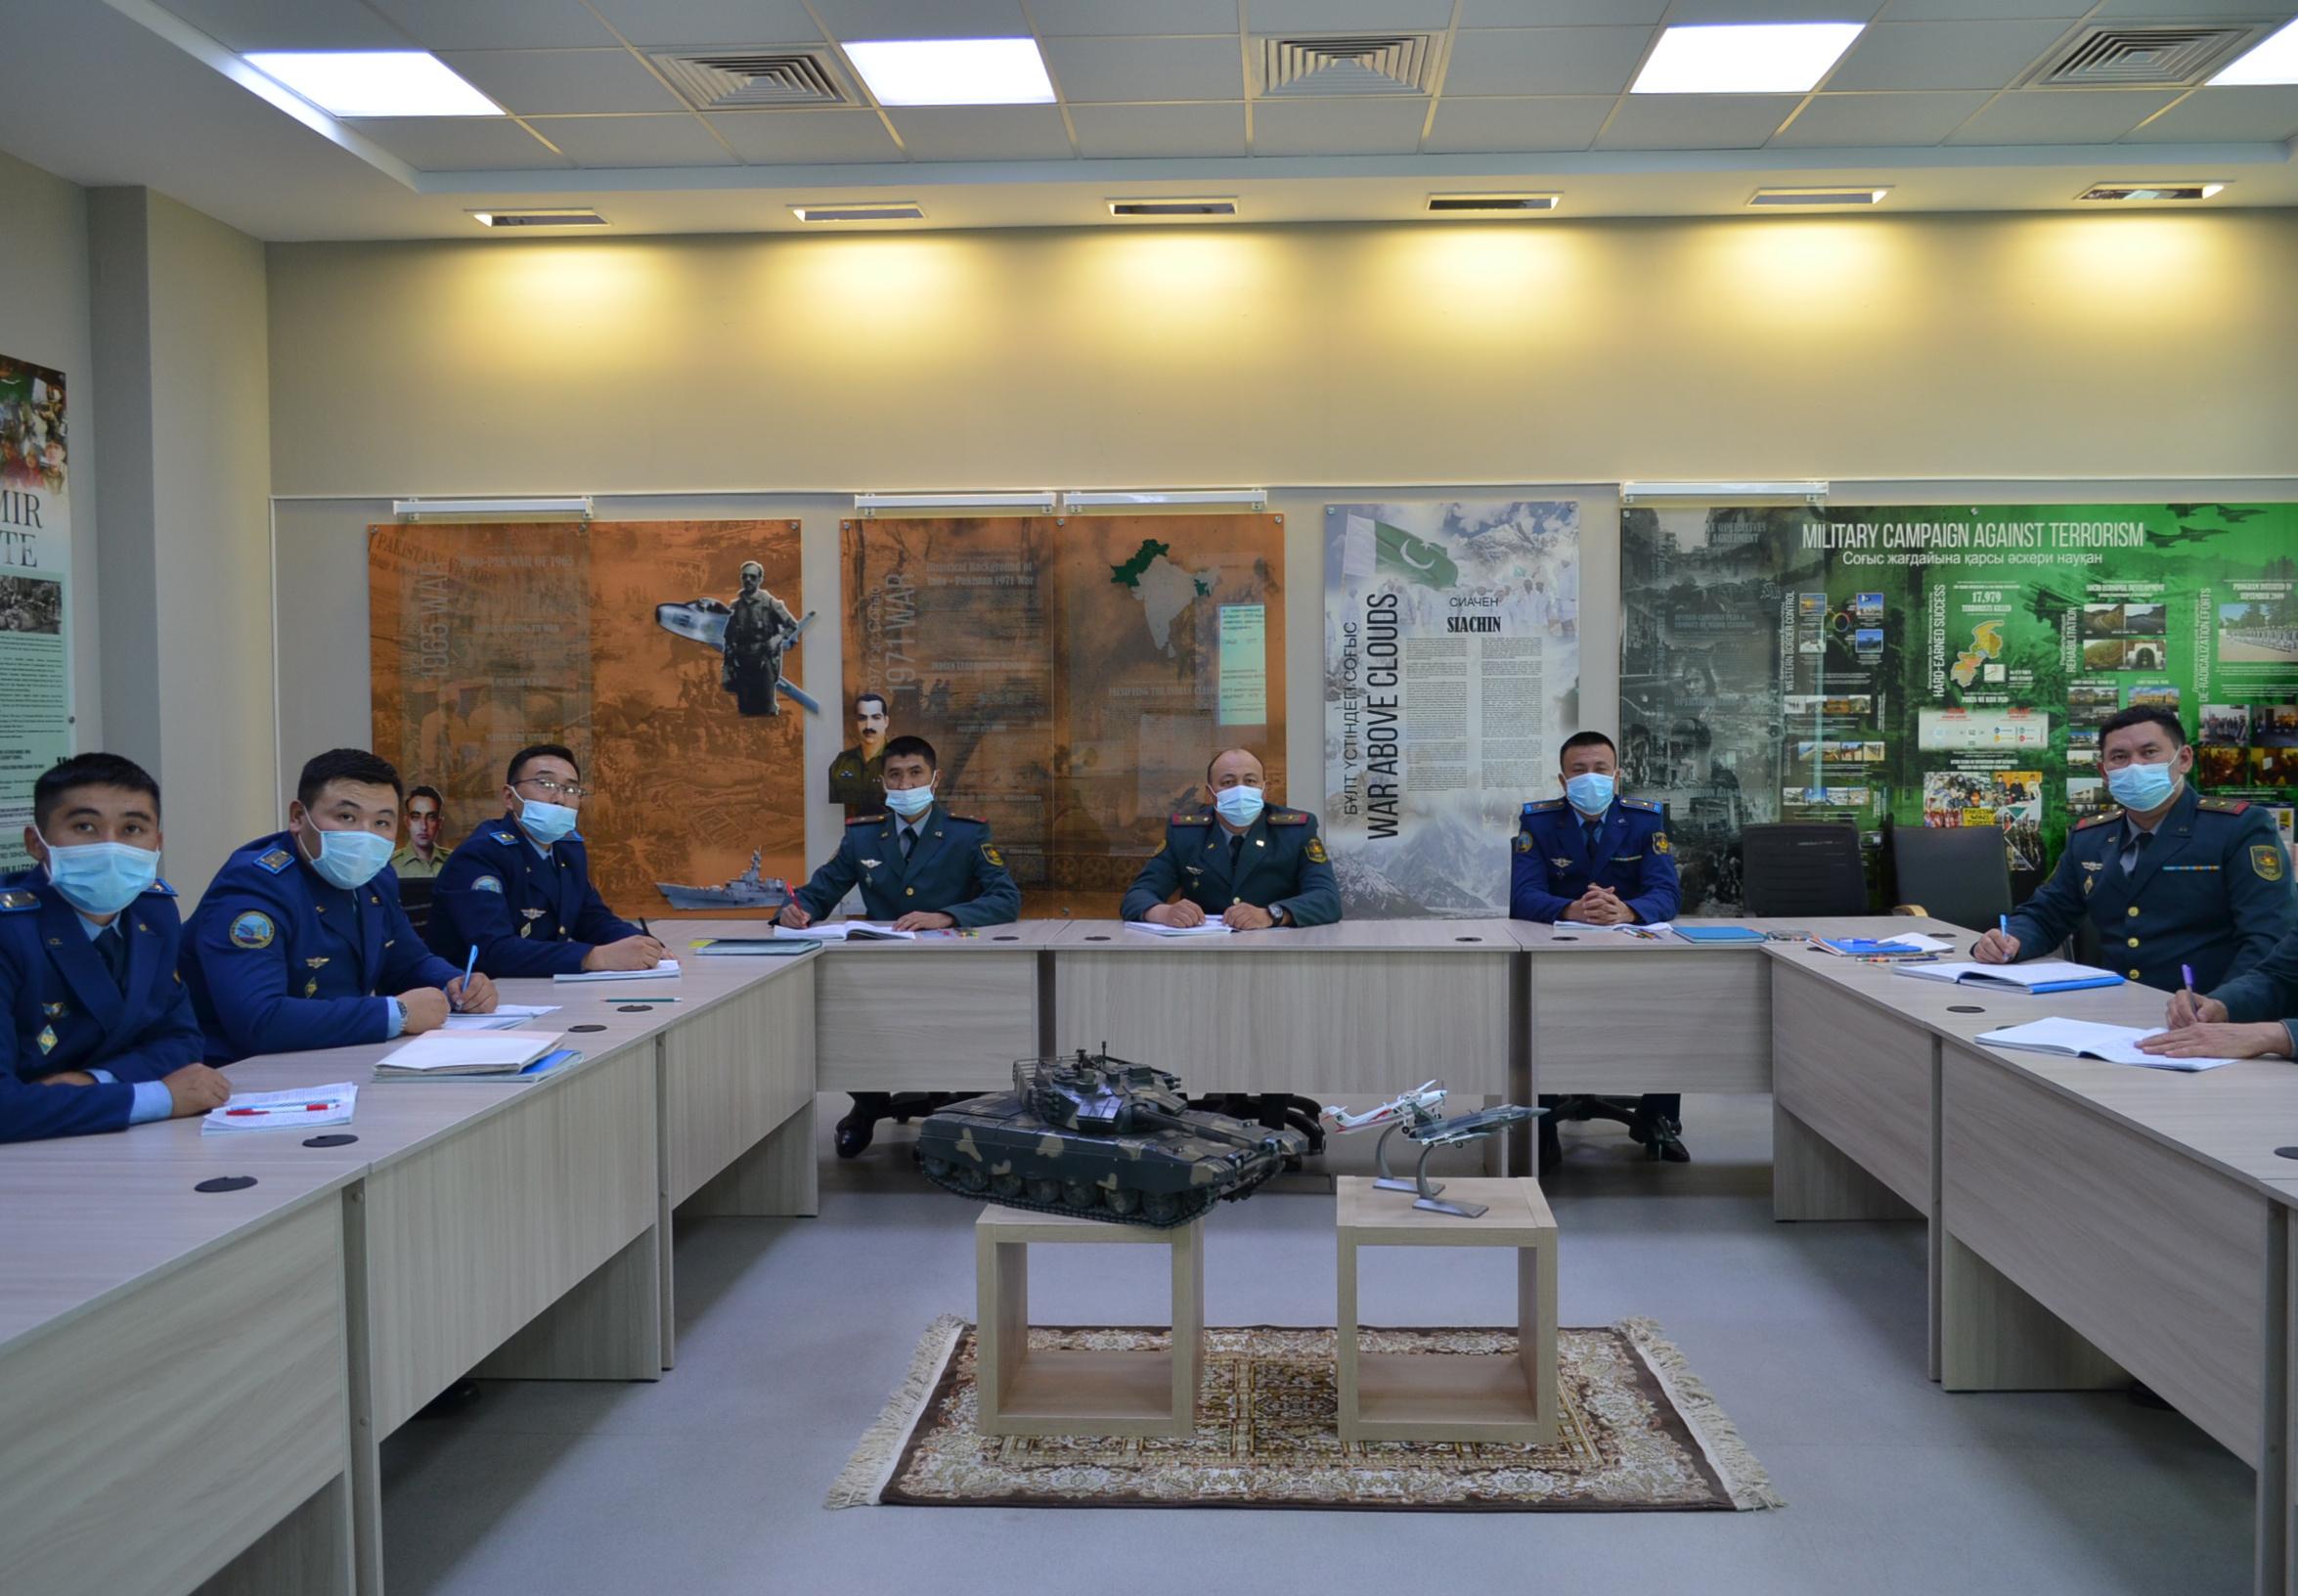 Офицеры войск РХБ защиты повышают квалификацию